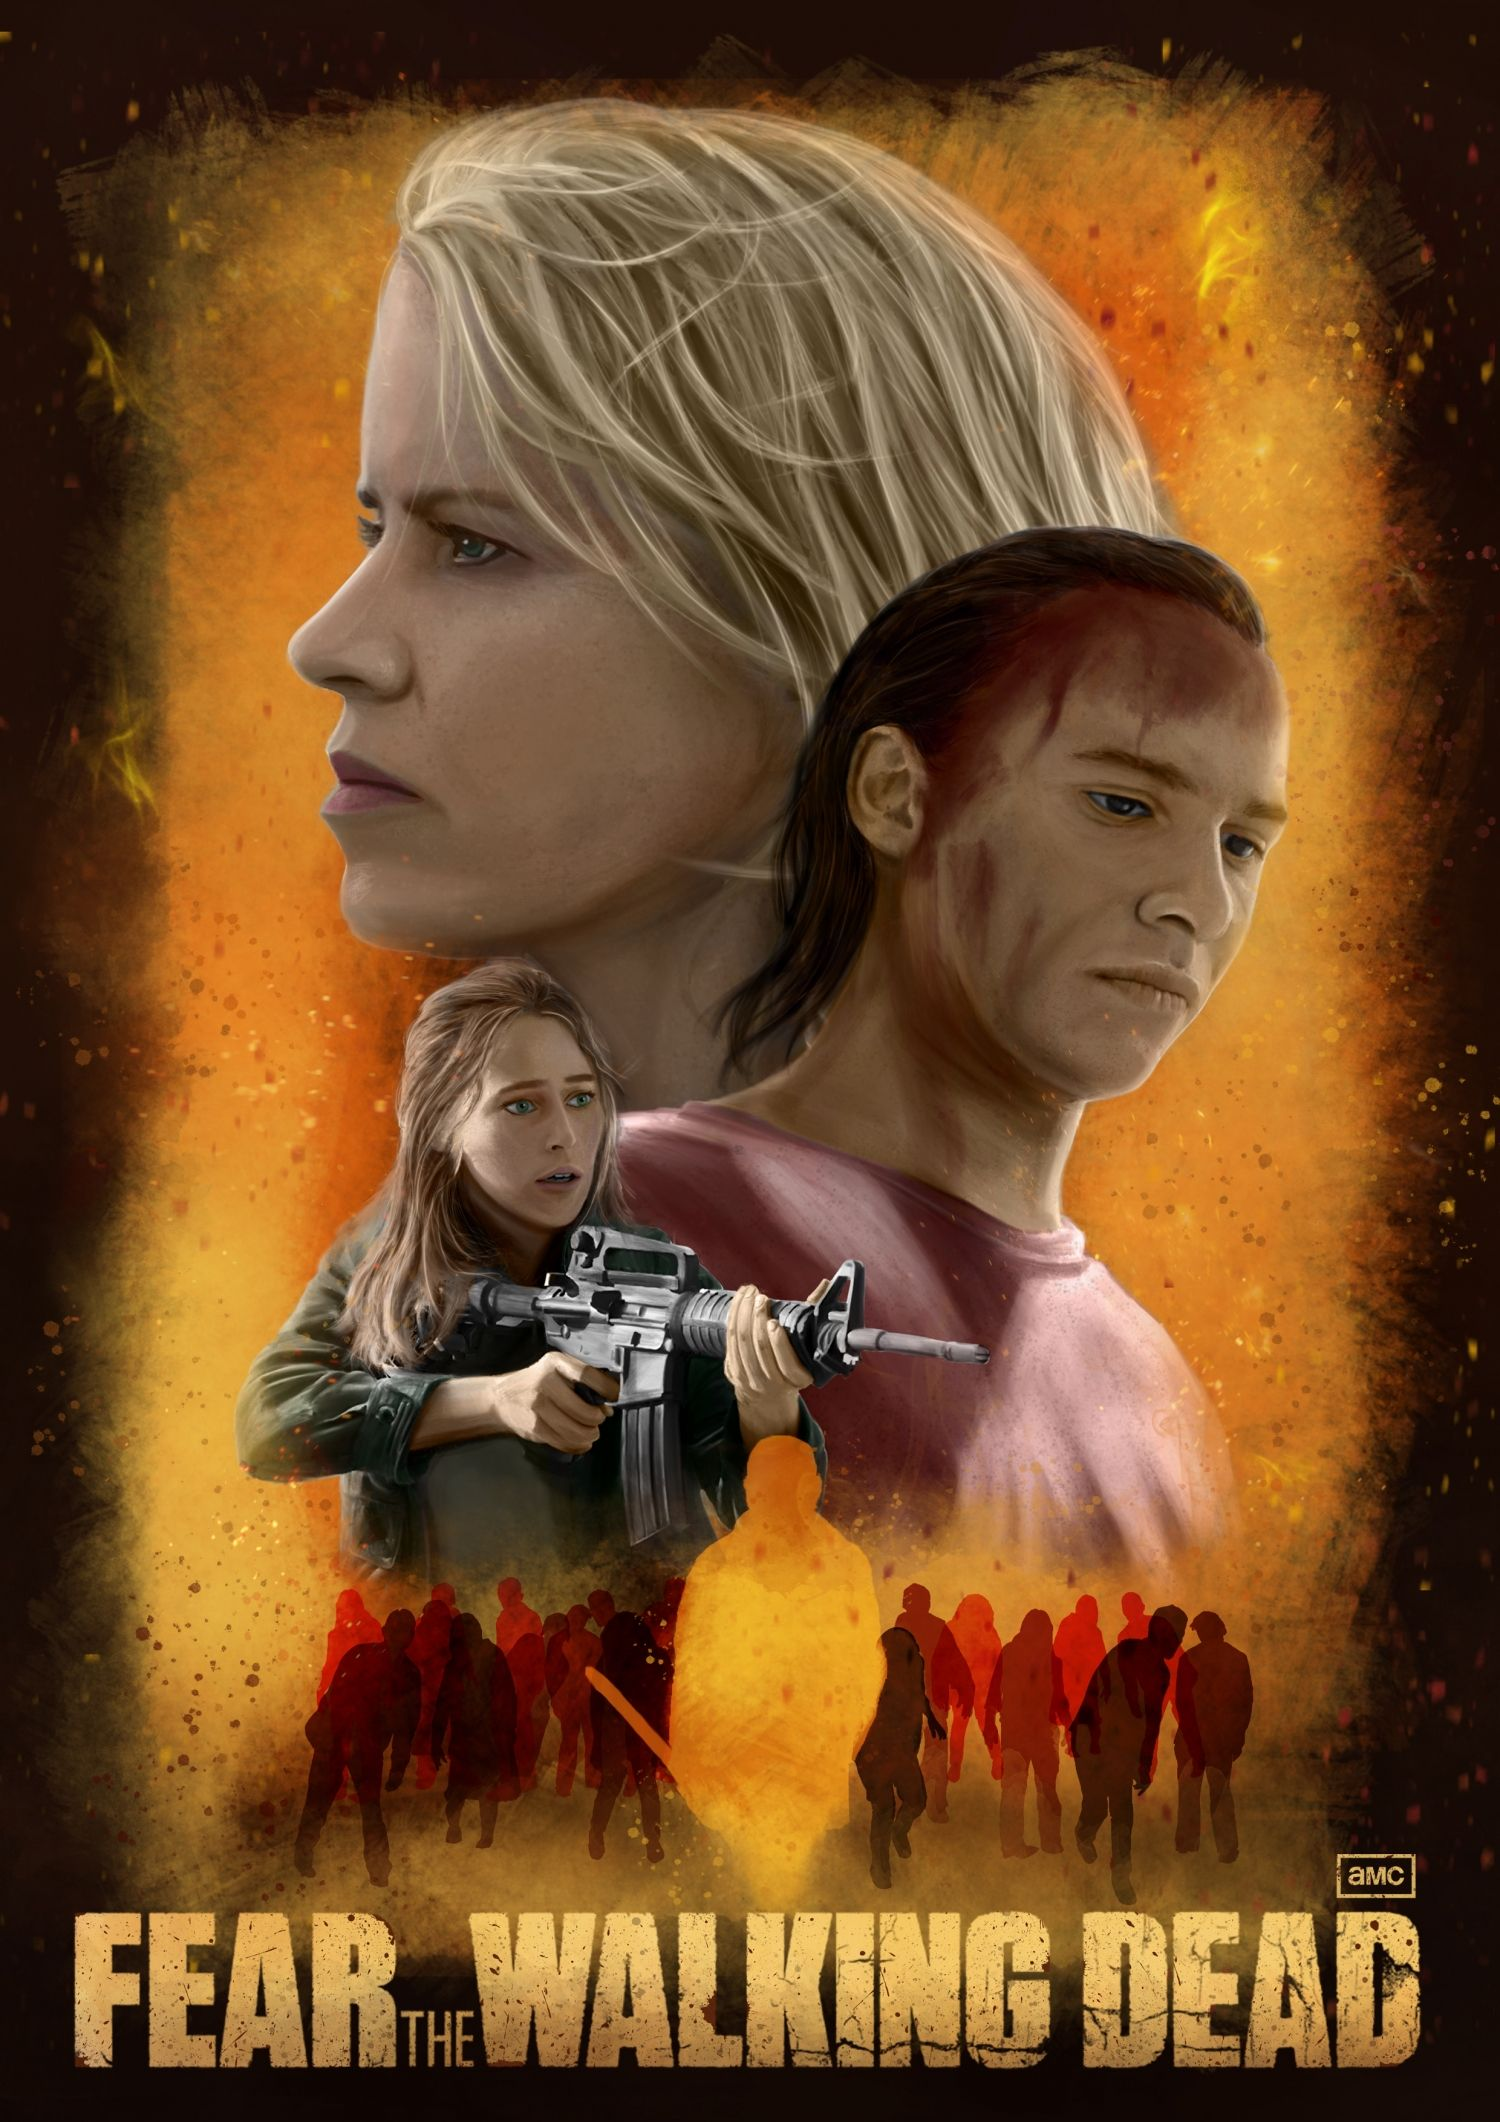 Fear The Walking Dead Season 4 | The Walking Dead | The ...